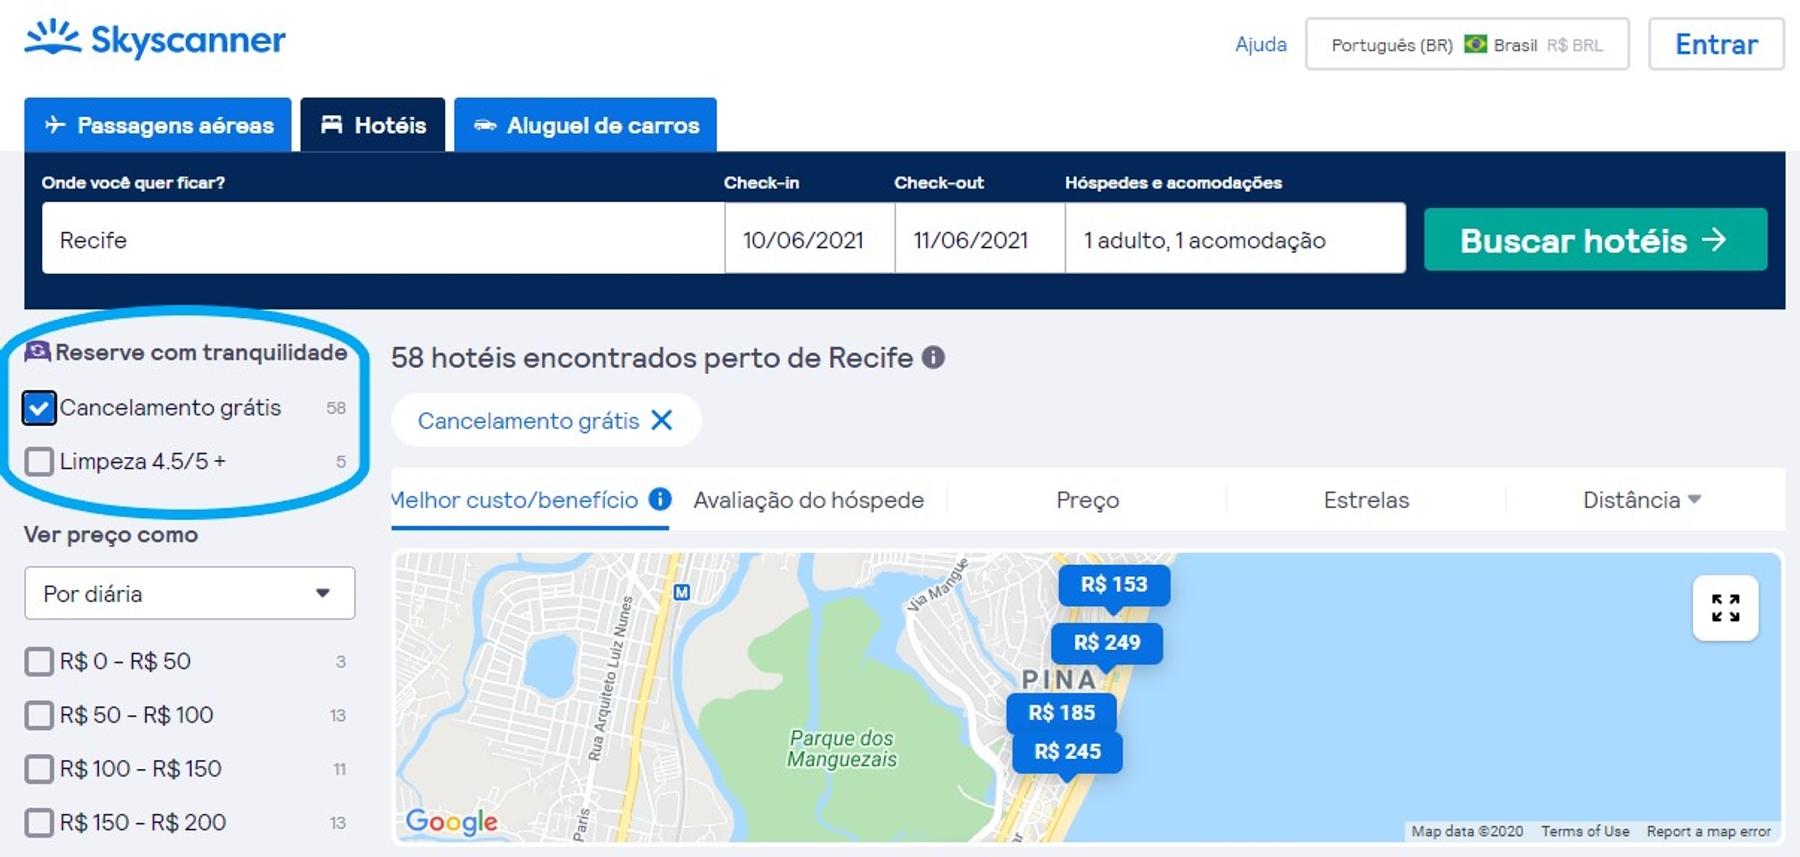 Página inicial de buscas de hotel com destaque para a possibilidade de reservas flexíveis.